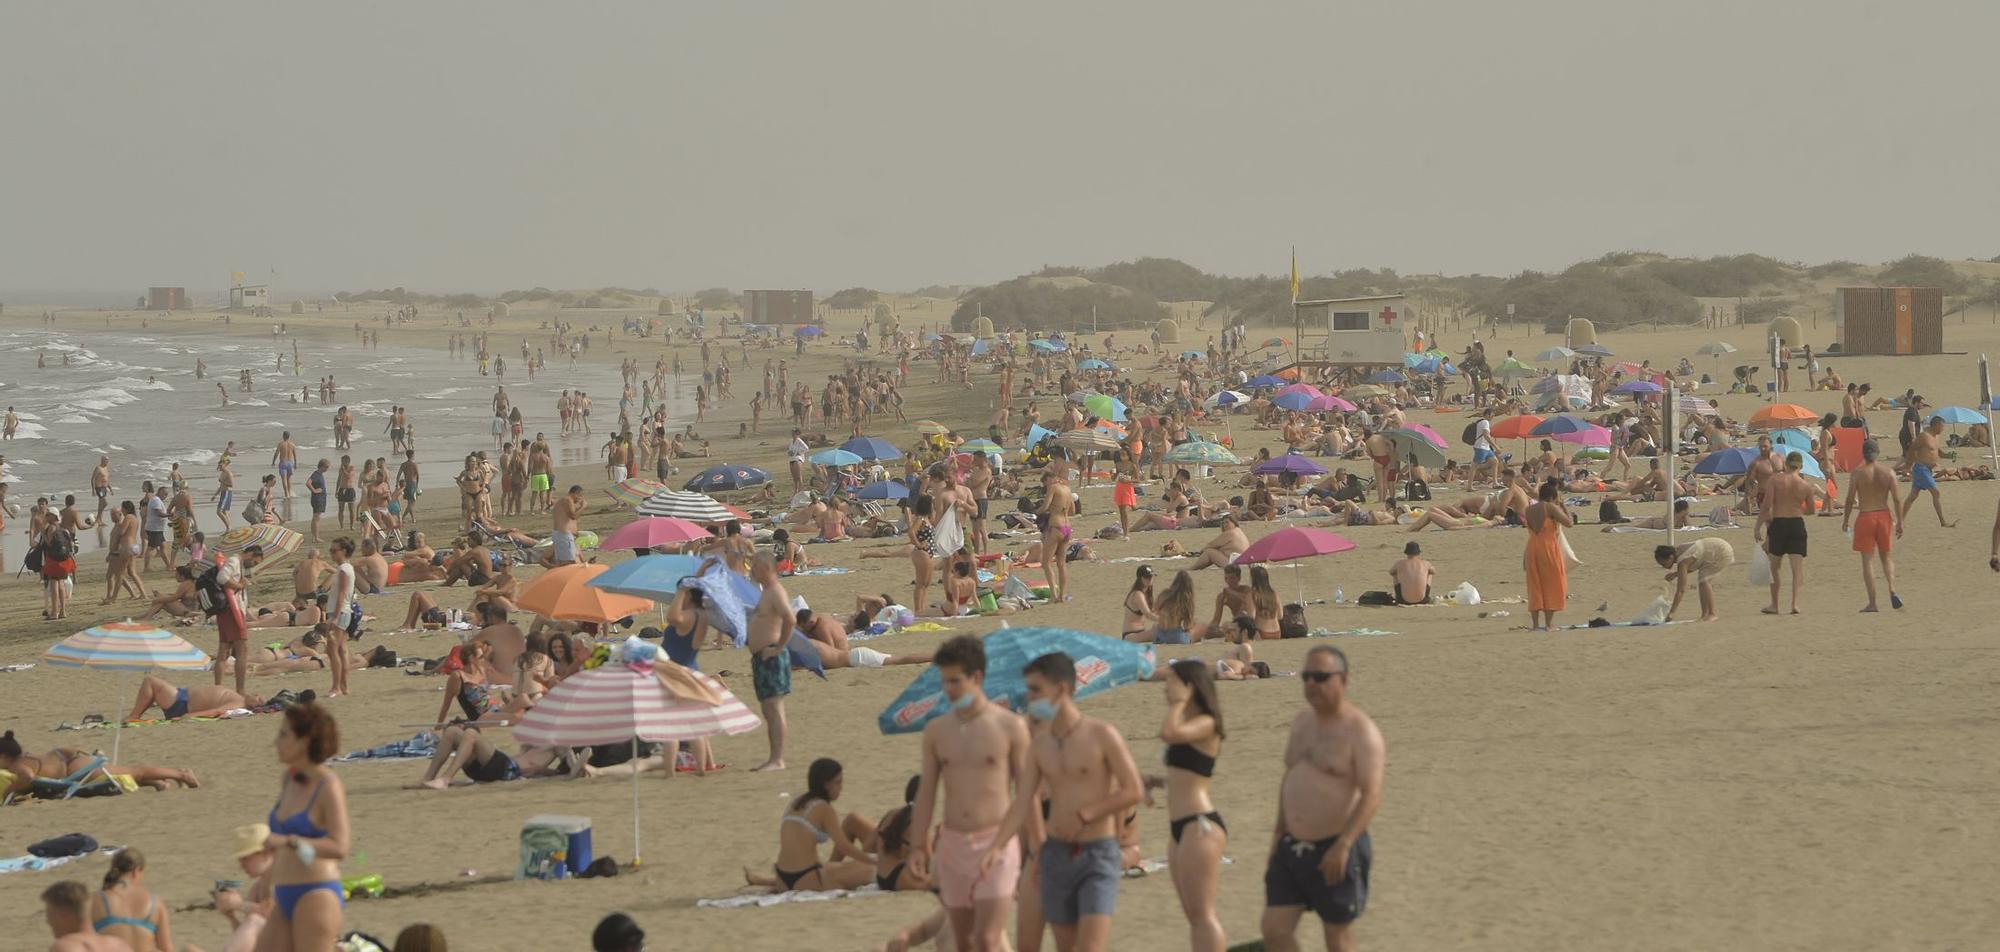 Riesgo de incendio en Gran Canaria por el fuerte calor (13/07/2021)